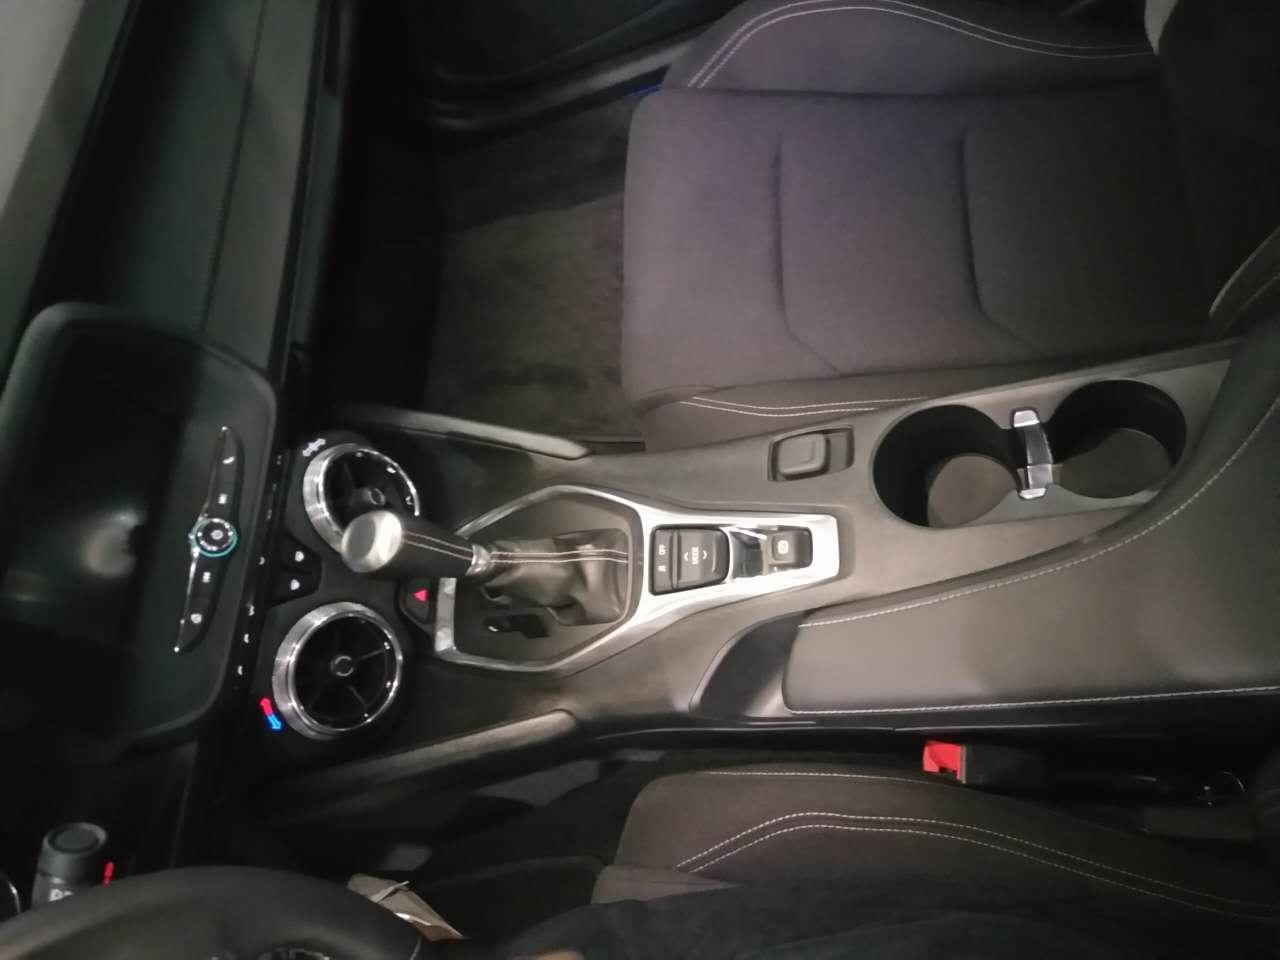 17款雪佛兰科迈罗车载智能互联系统,遥控车库门开关,电动车窗,后排